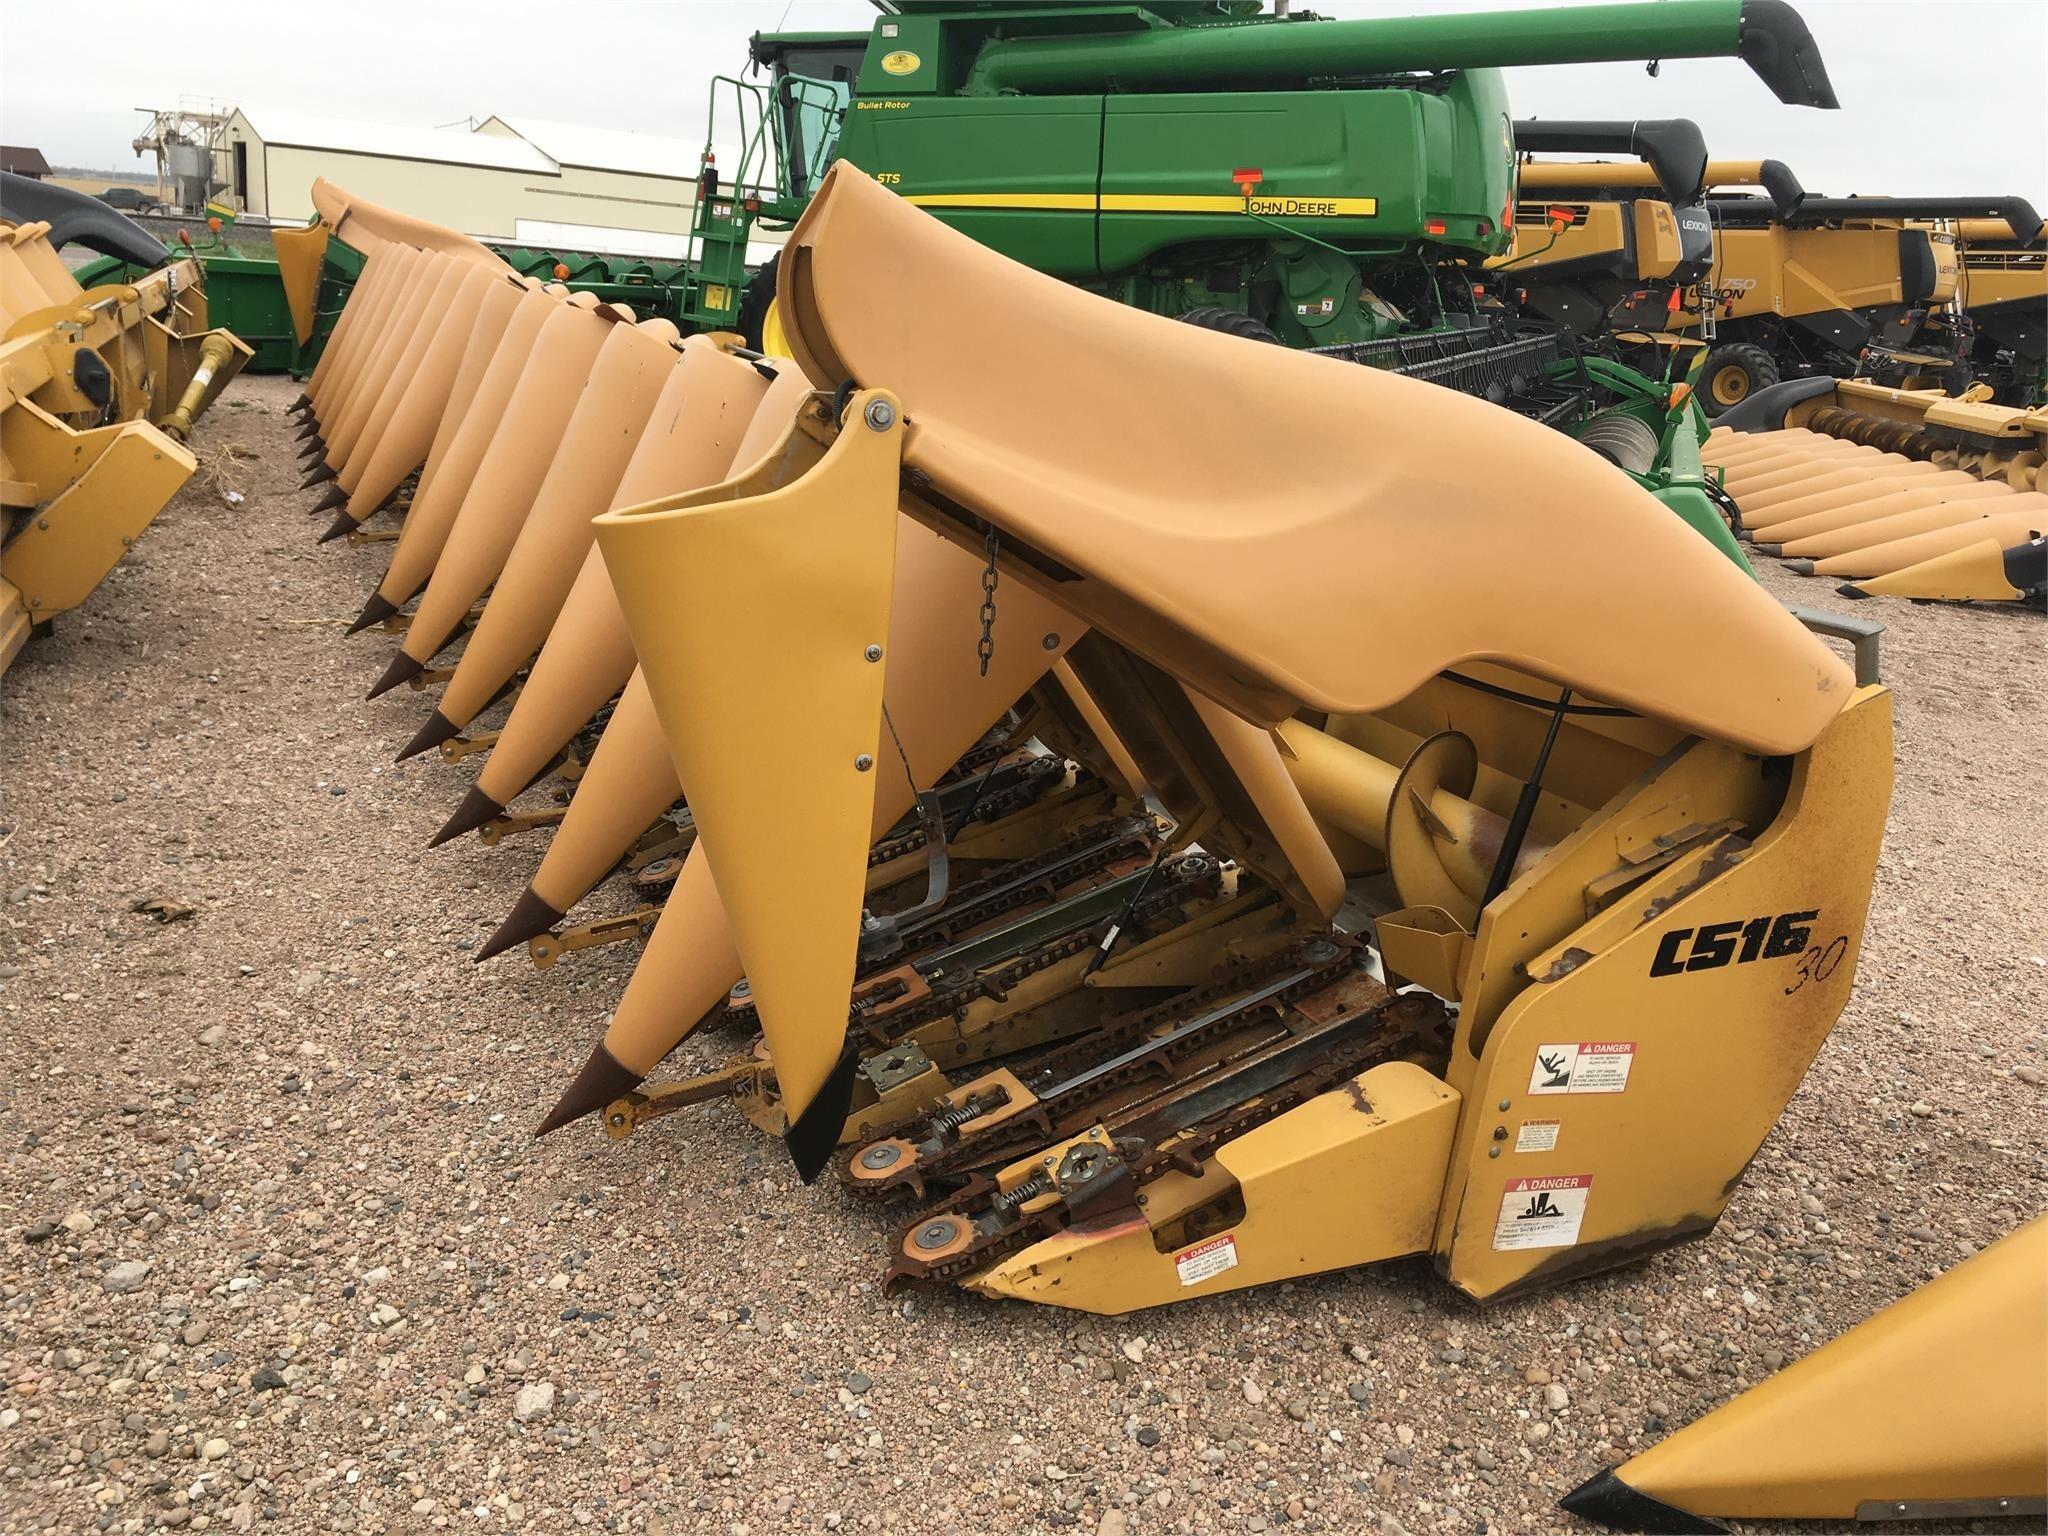 2005 Lexion C516-30 Corn Head